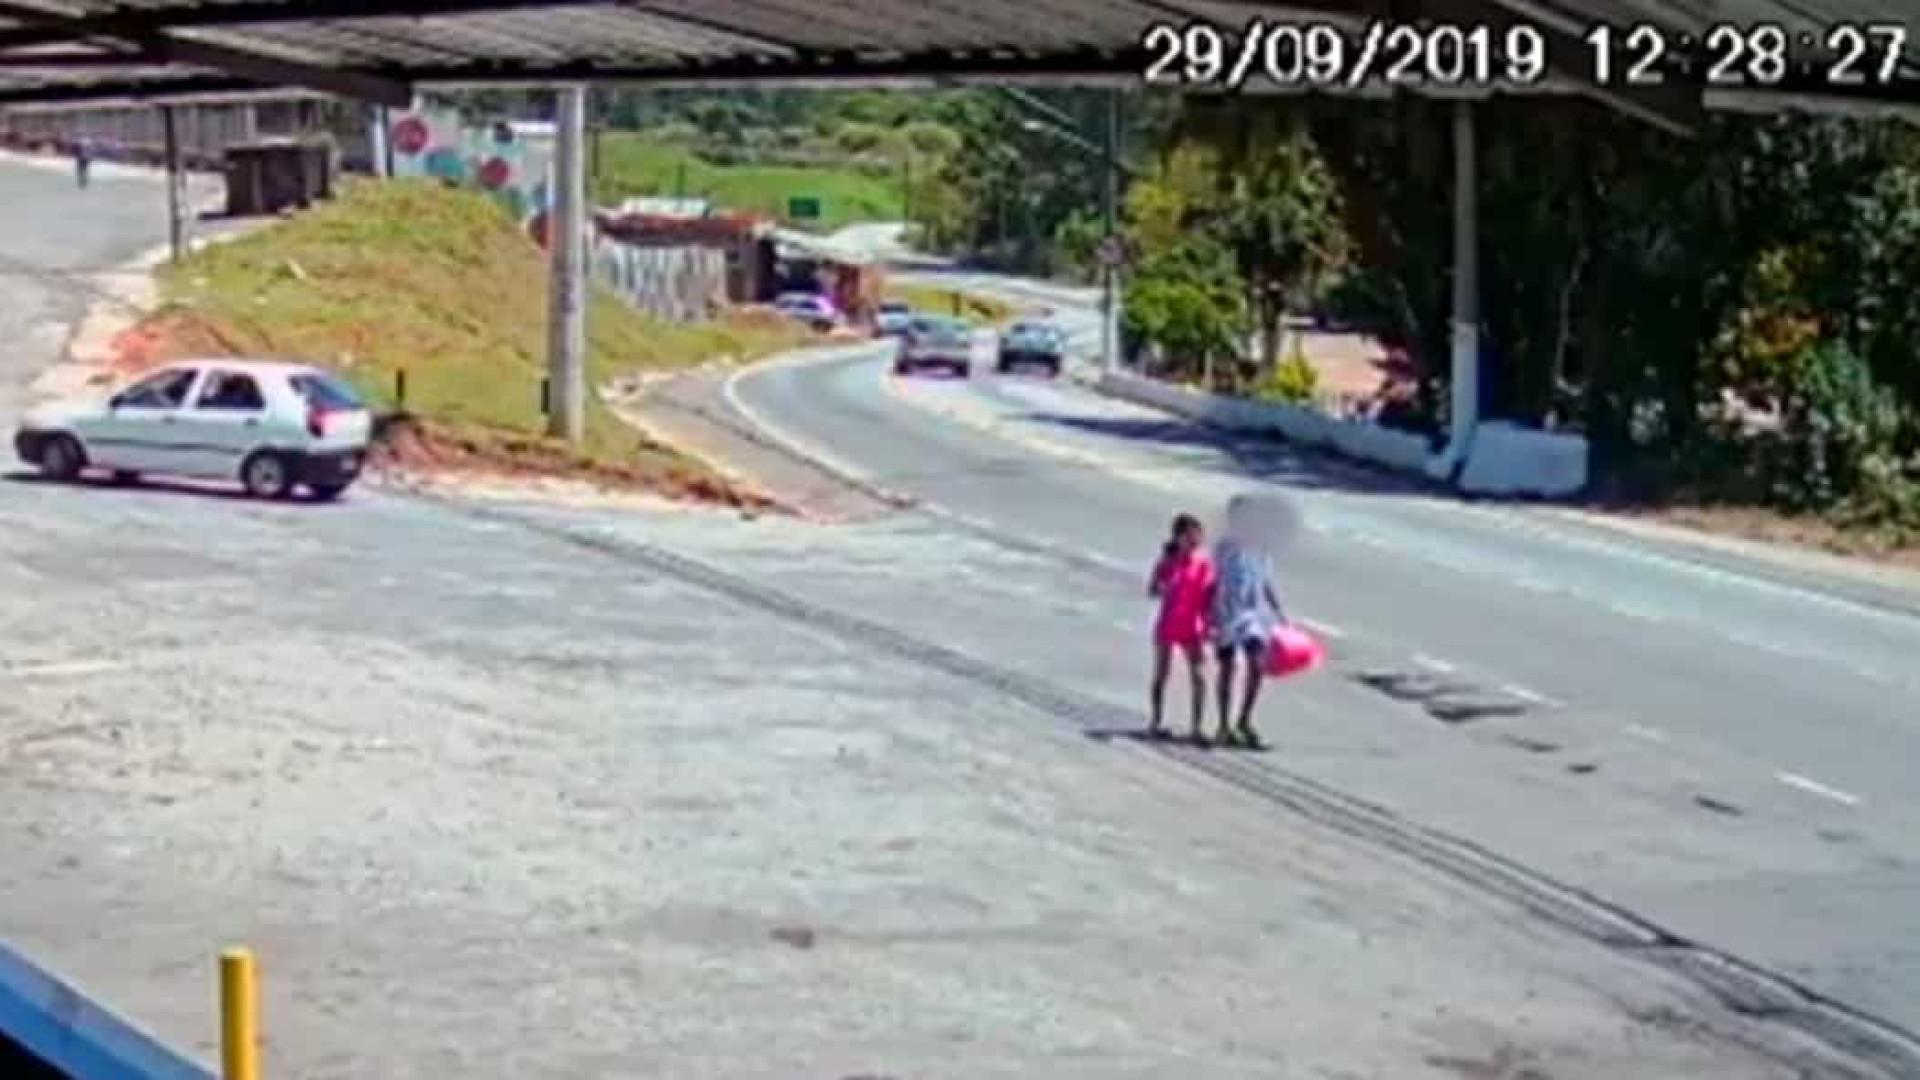 Caso Raíssa: polícia diz ter certeza de participação de adolescente